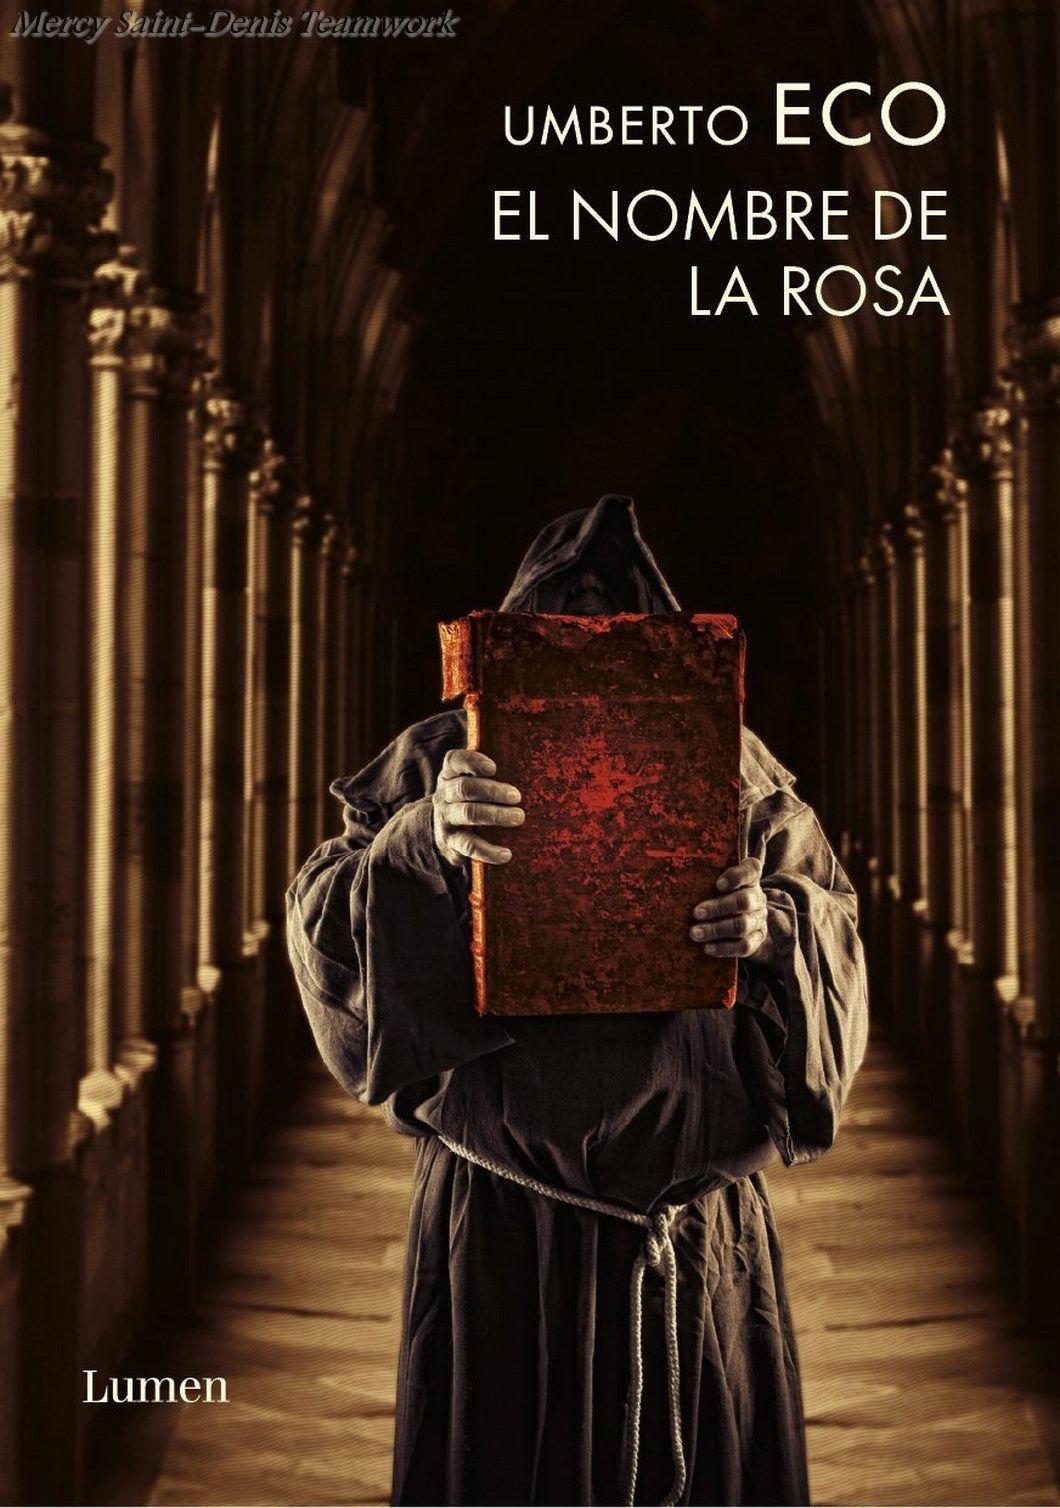 El Nombre De La Rosa Titulo Original Il Nome Della Rosa En Italiano Es Una Novela Historica De Misterio Escrita Por Umberto Eco Nombre De La Rosa Libros Leer